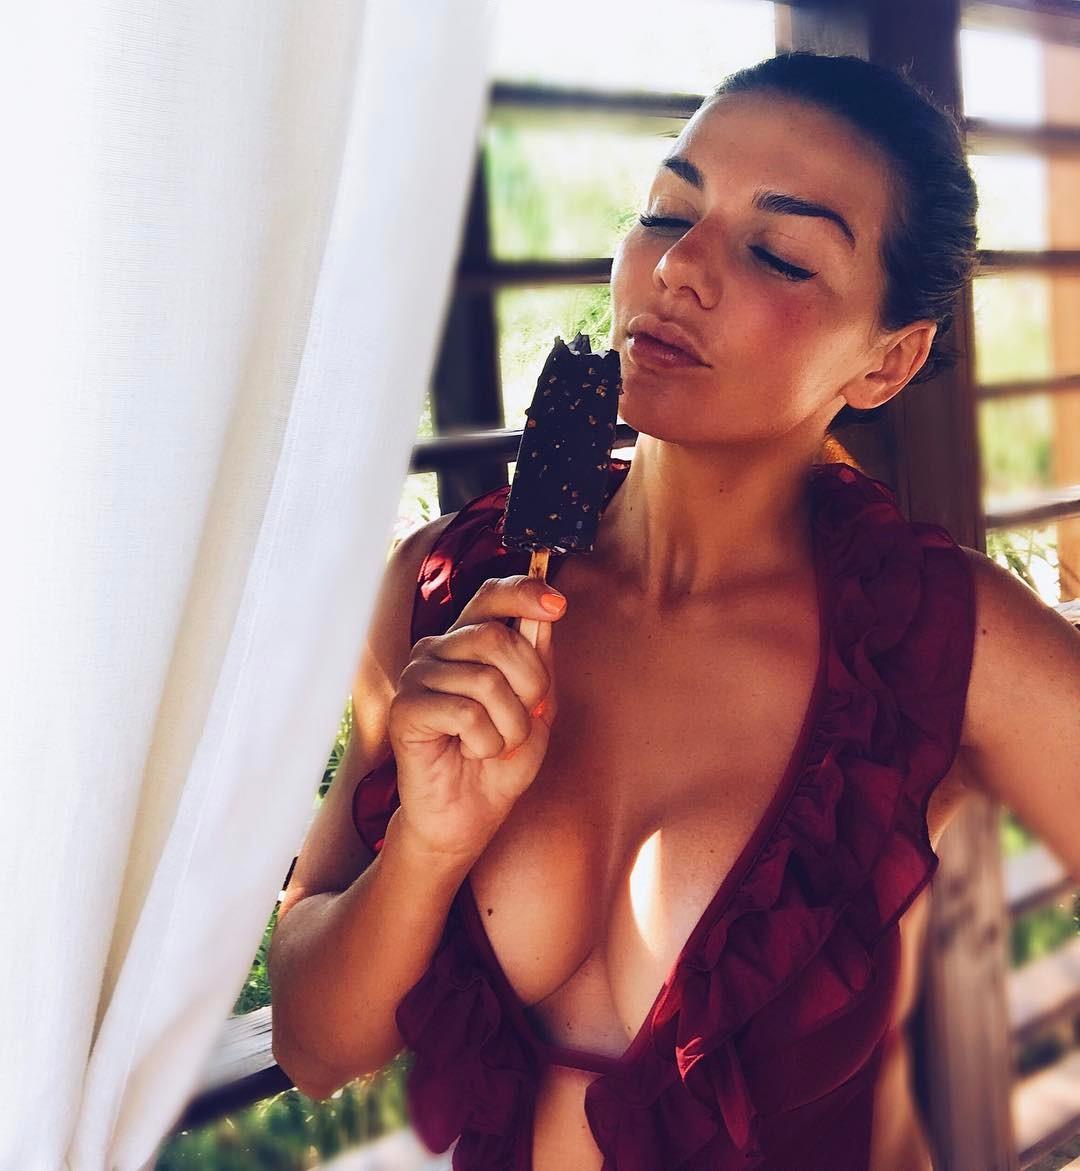 Анна Седокова соблазняет снимком в откровенном купальнике с глубоким декольте